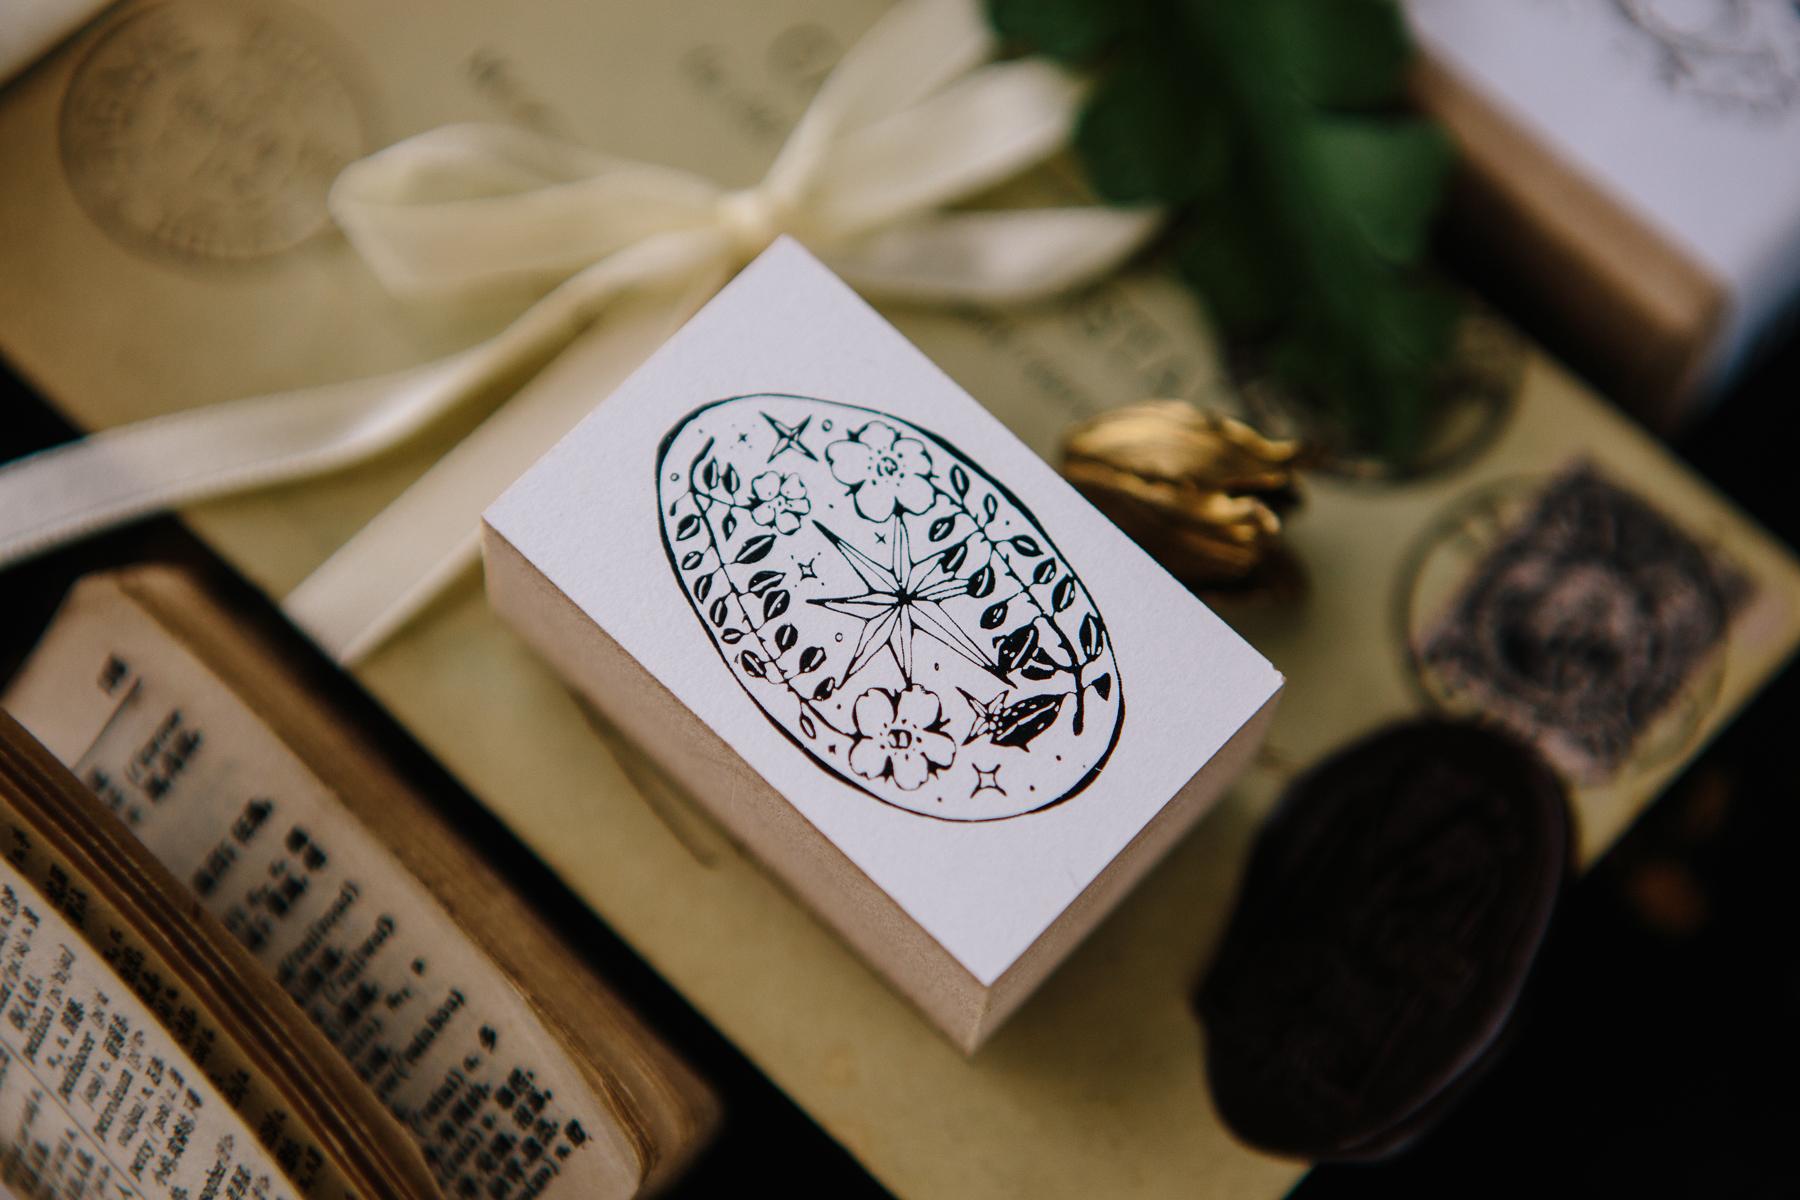 OURS 森林郵務A 壓縮木印章組